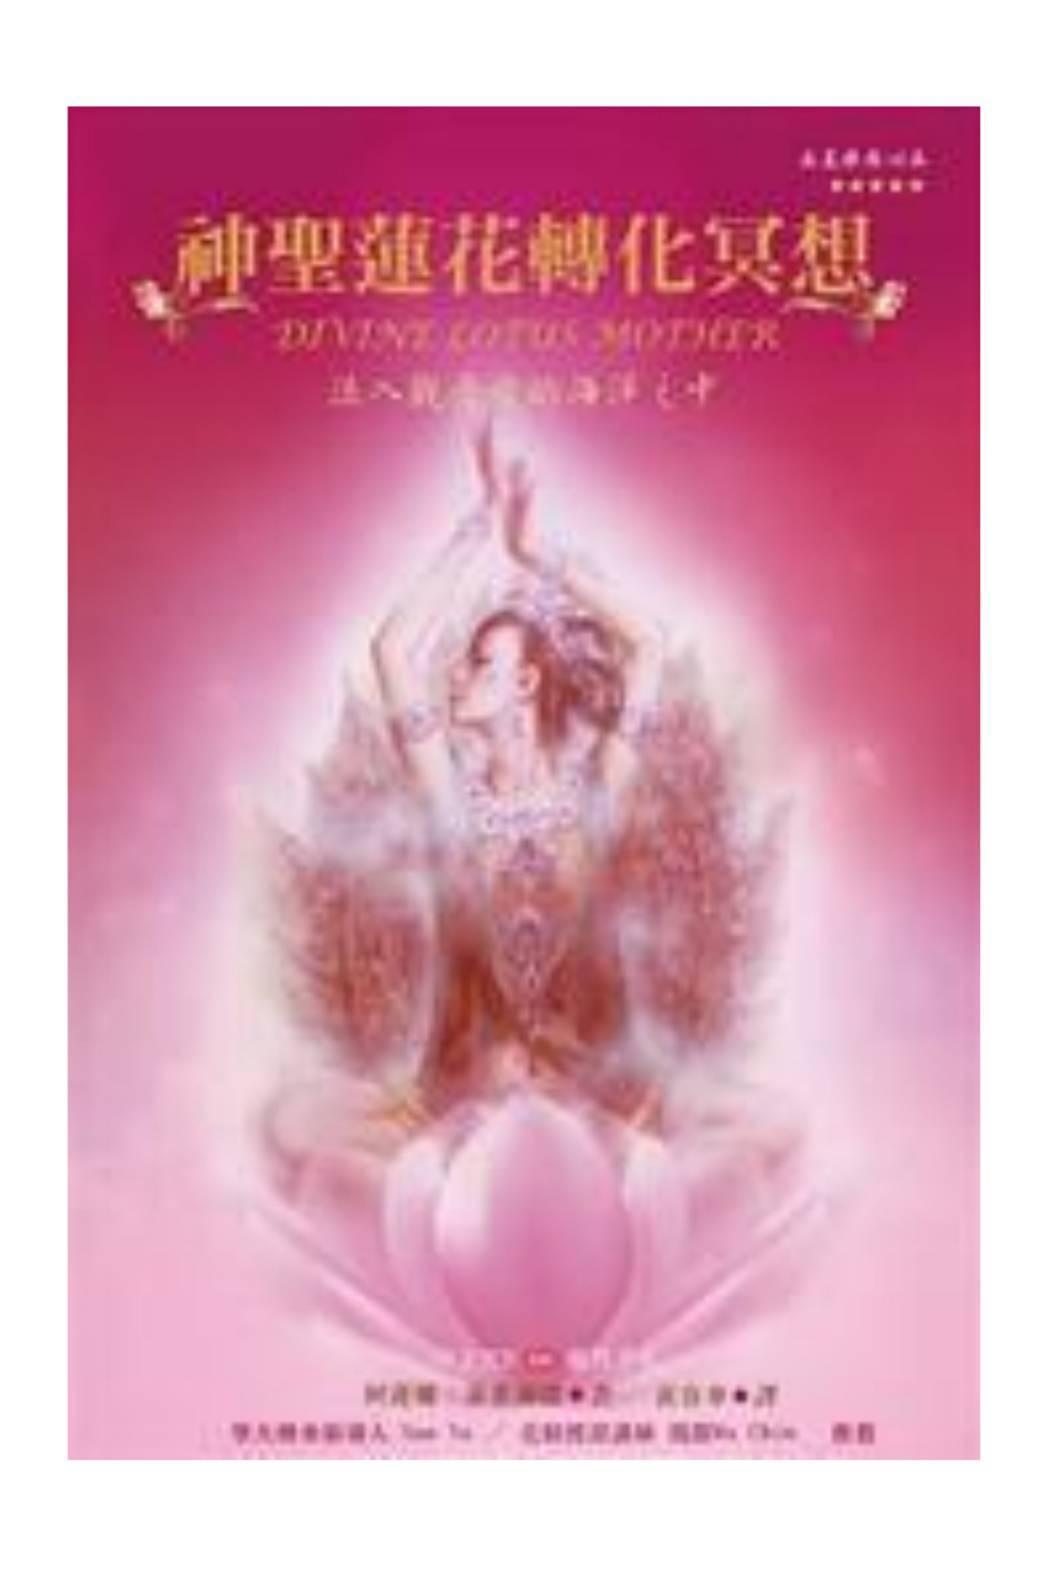 神聖蓮花轉化冥想2.jpg